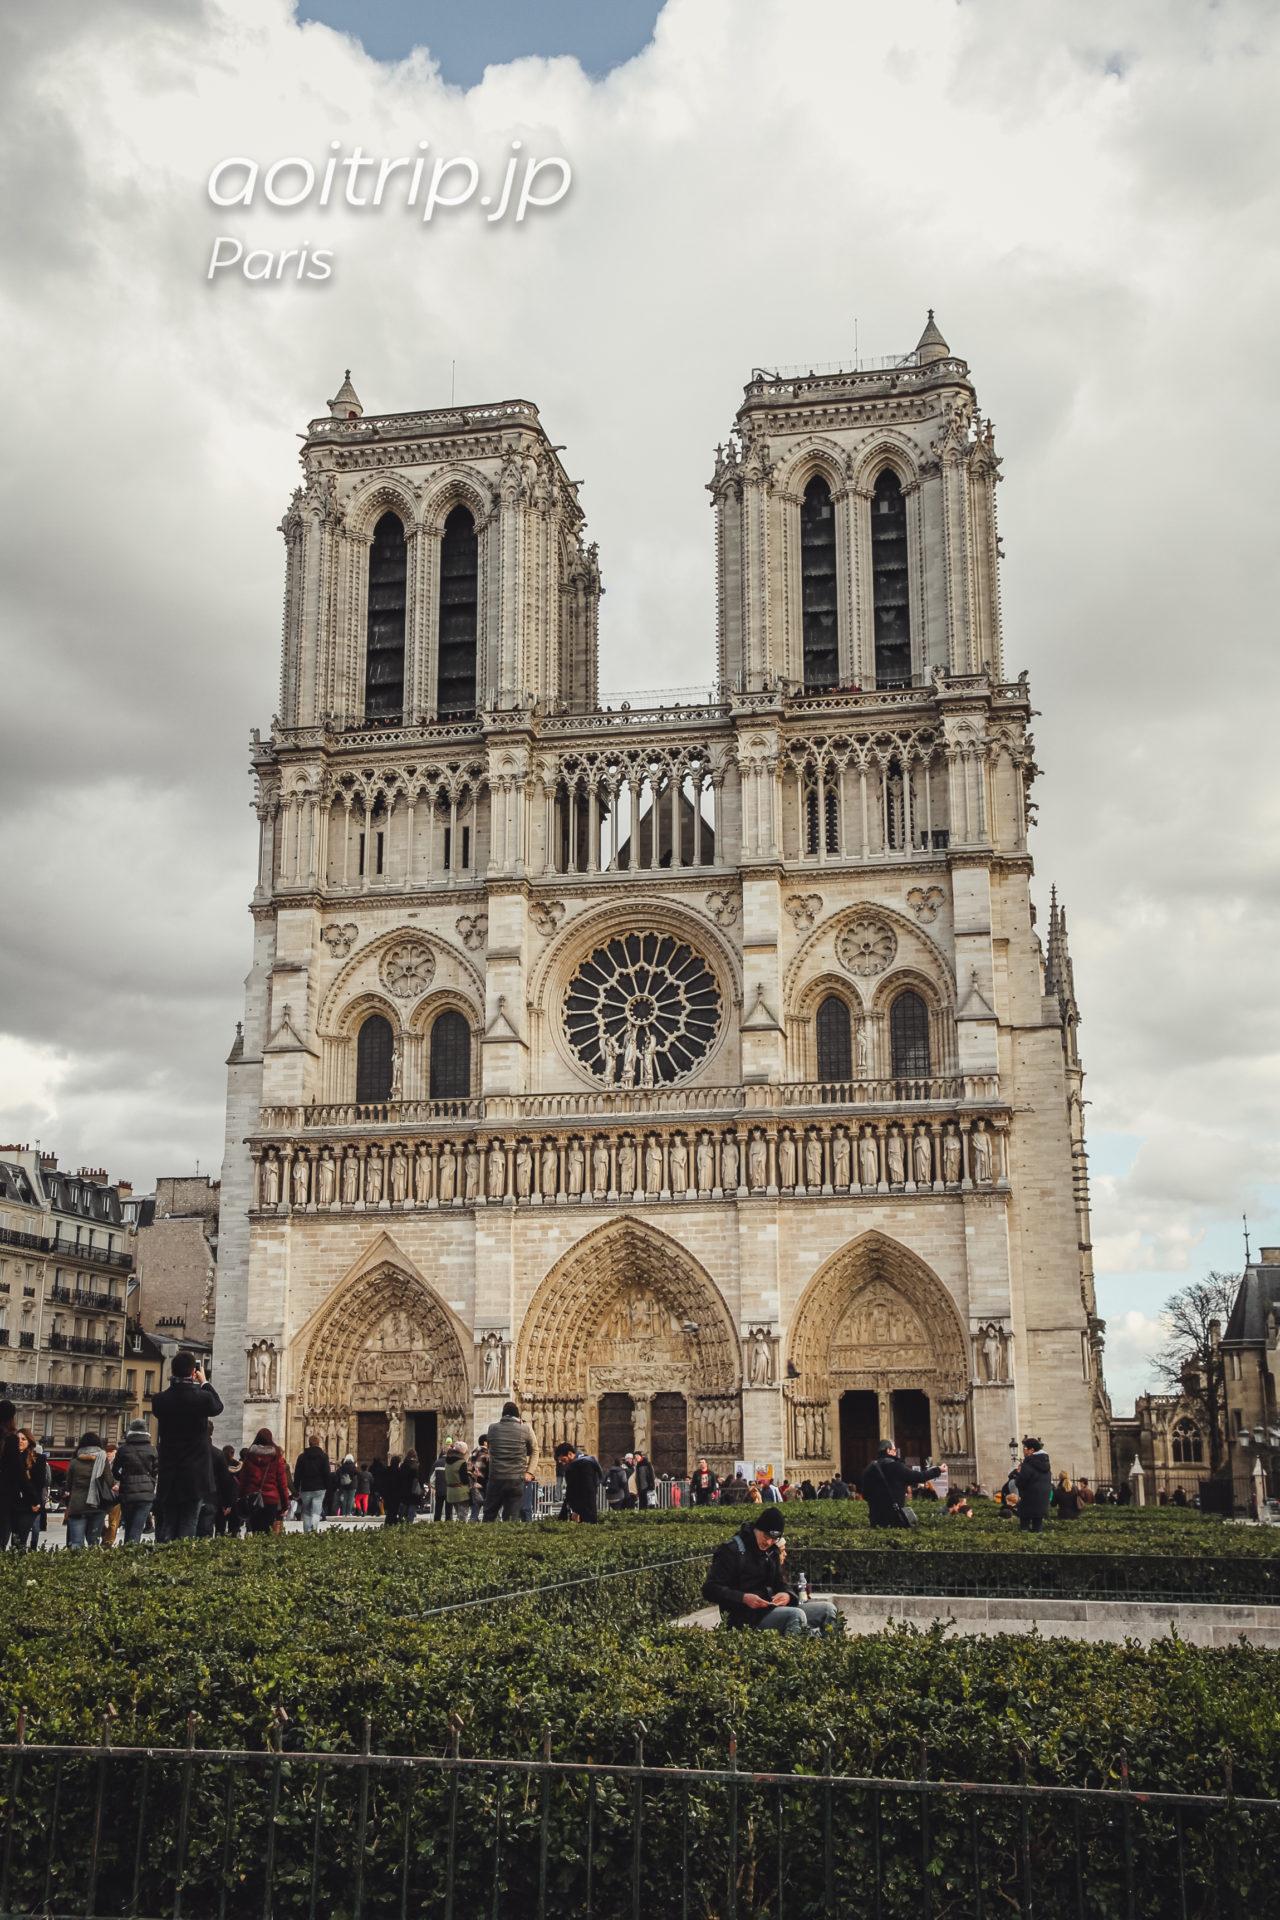 パリのノートルダム大聖堂 西側のファサード